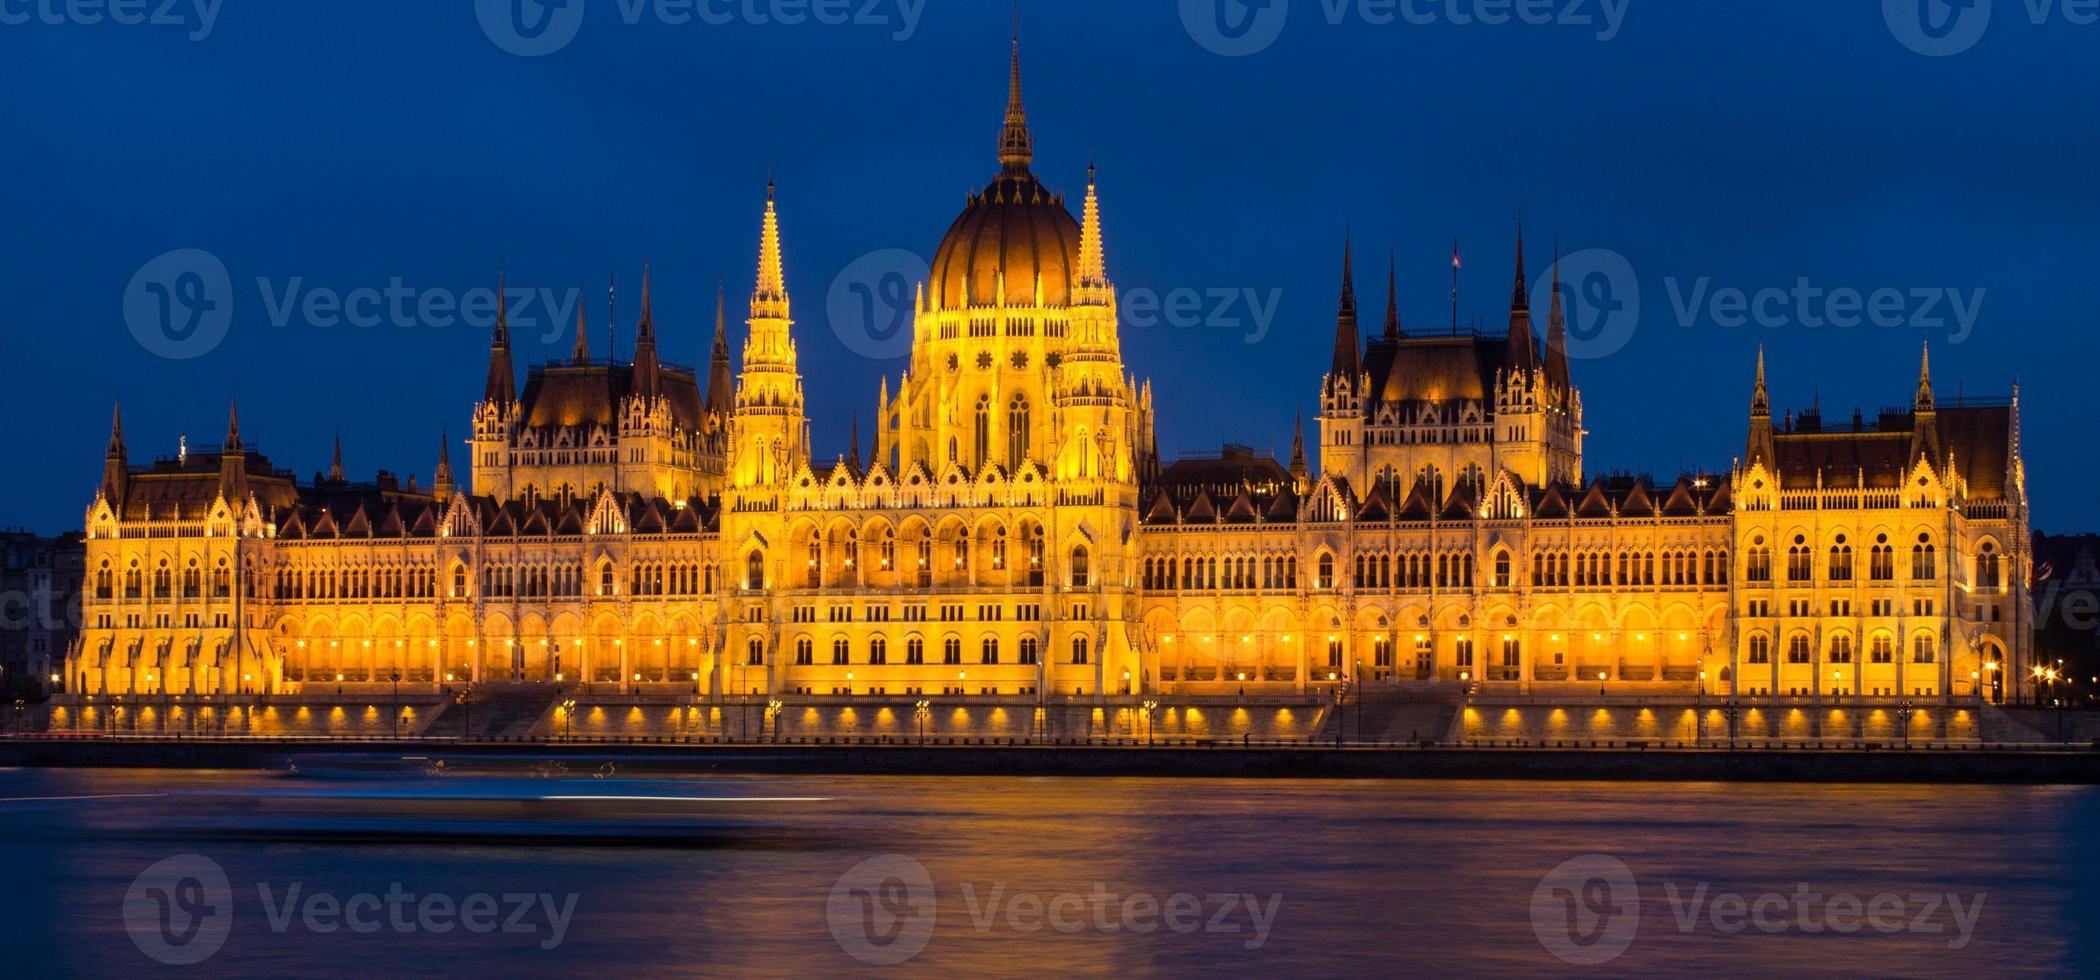 edificio del Parlamento foto